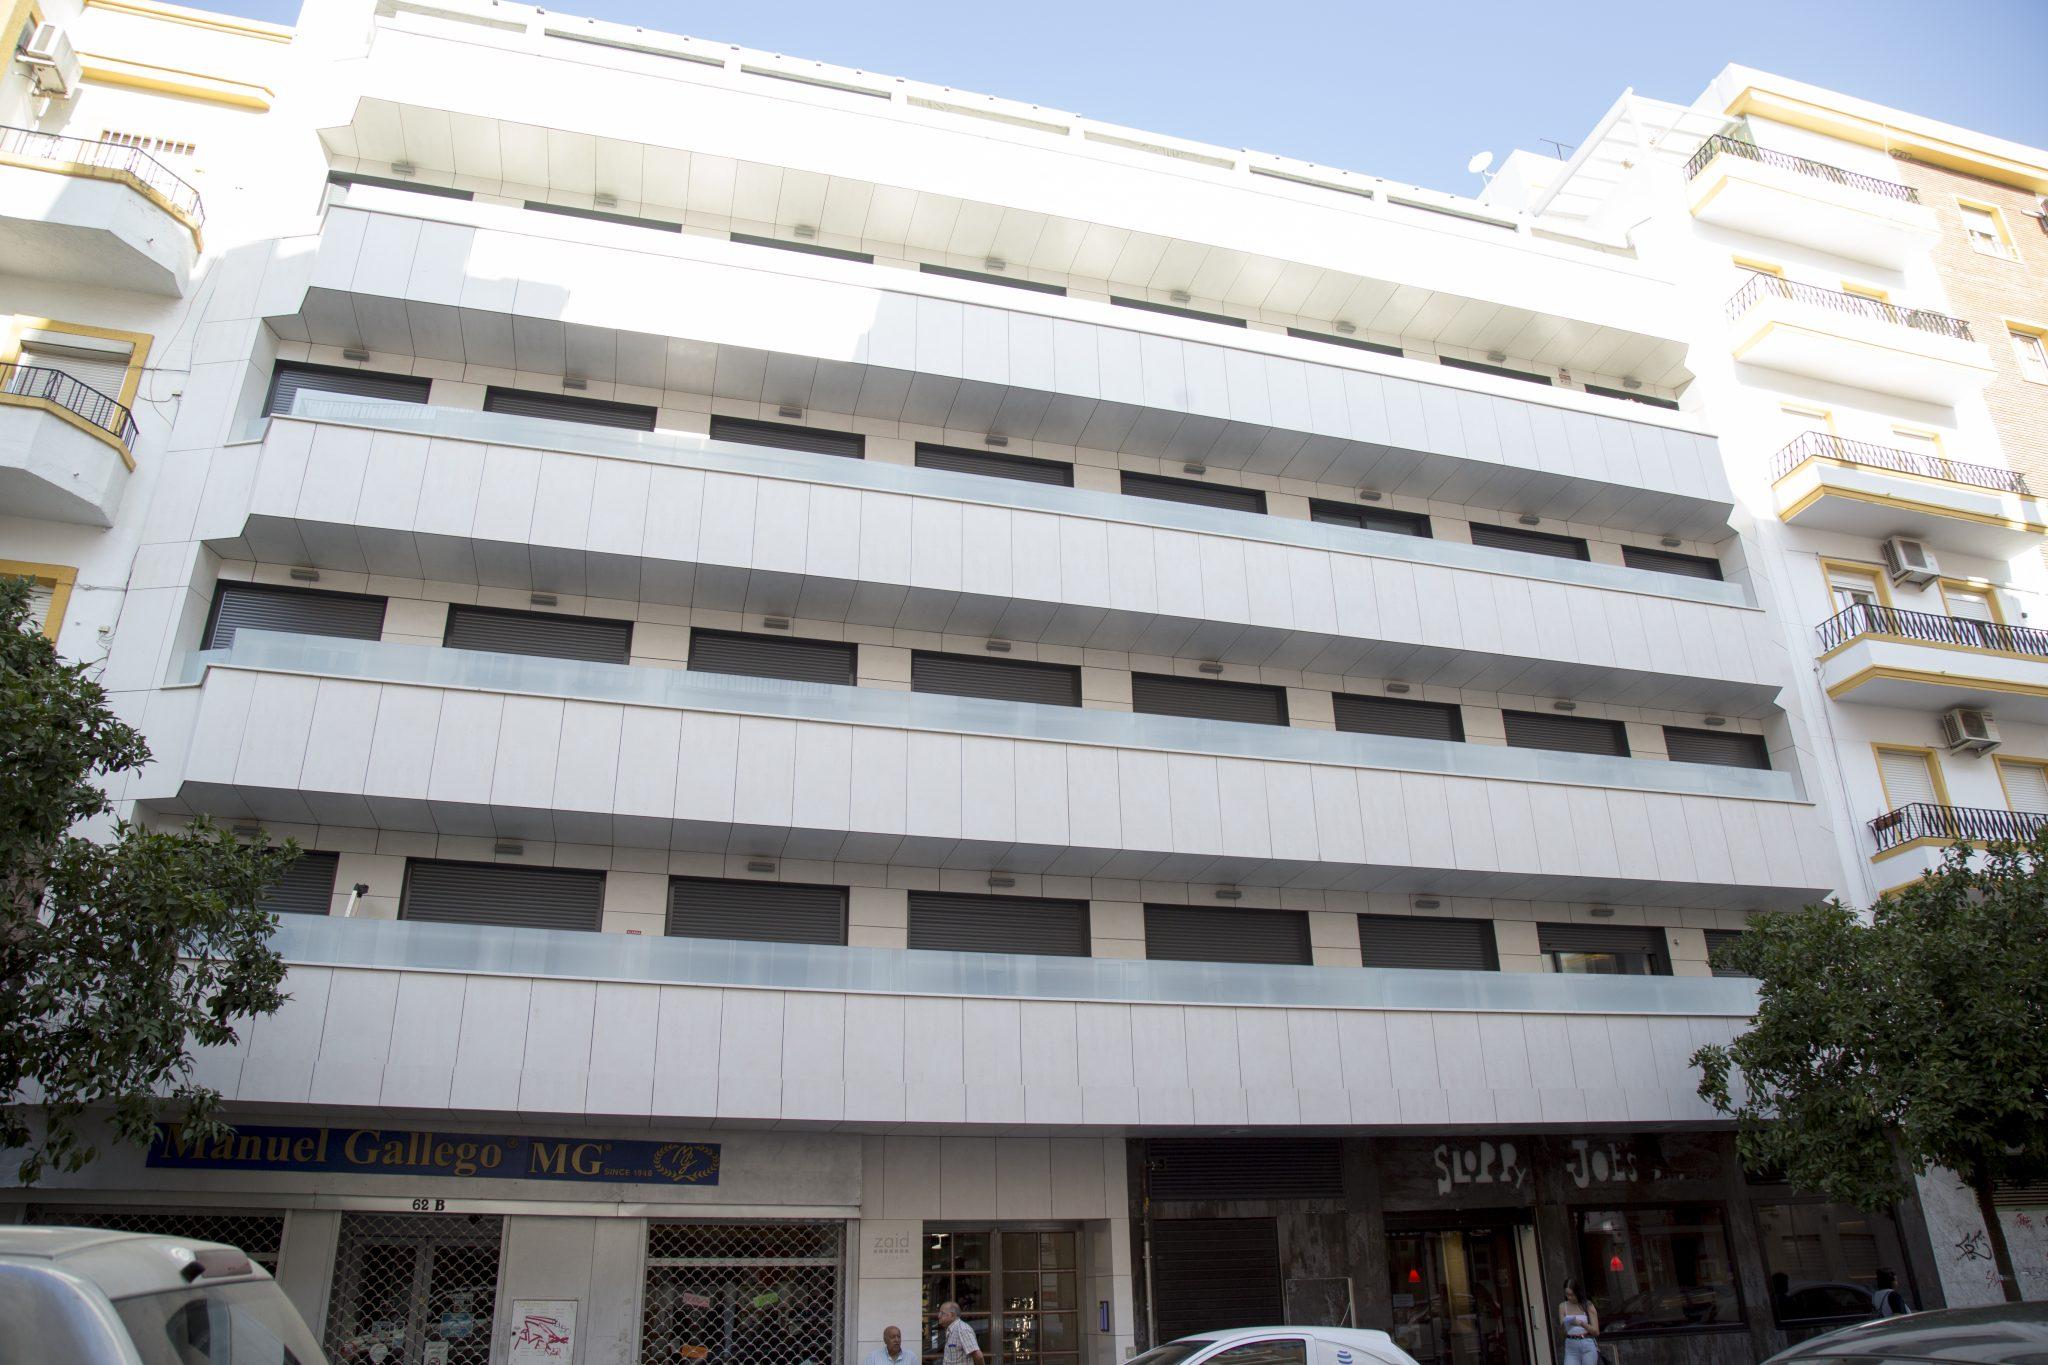 Edificio de Viviendas Asunción 62 (Sevilla)